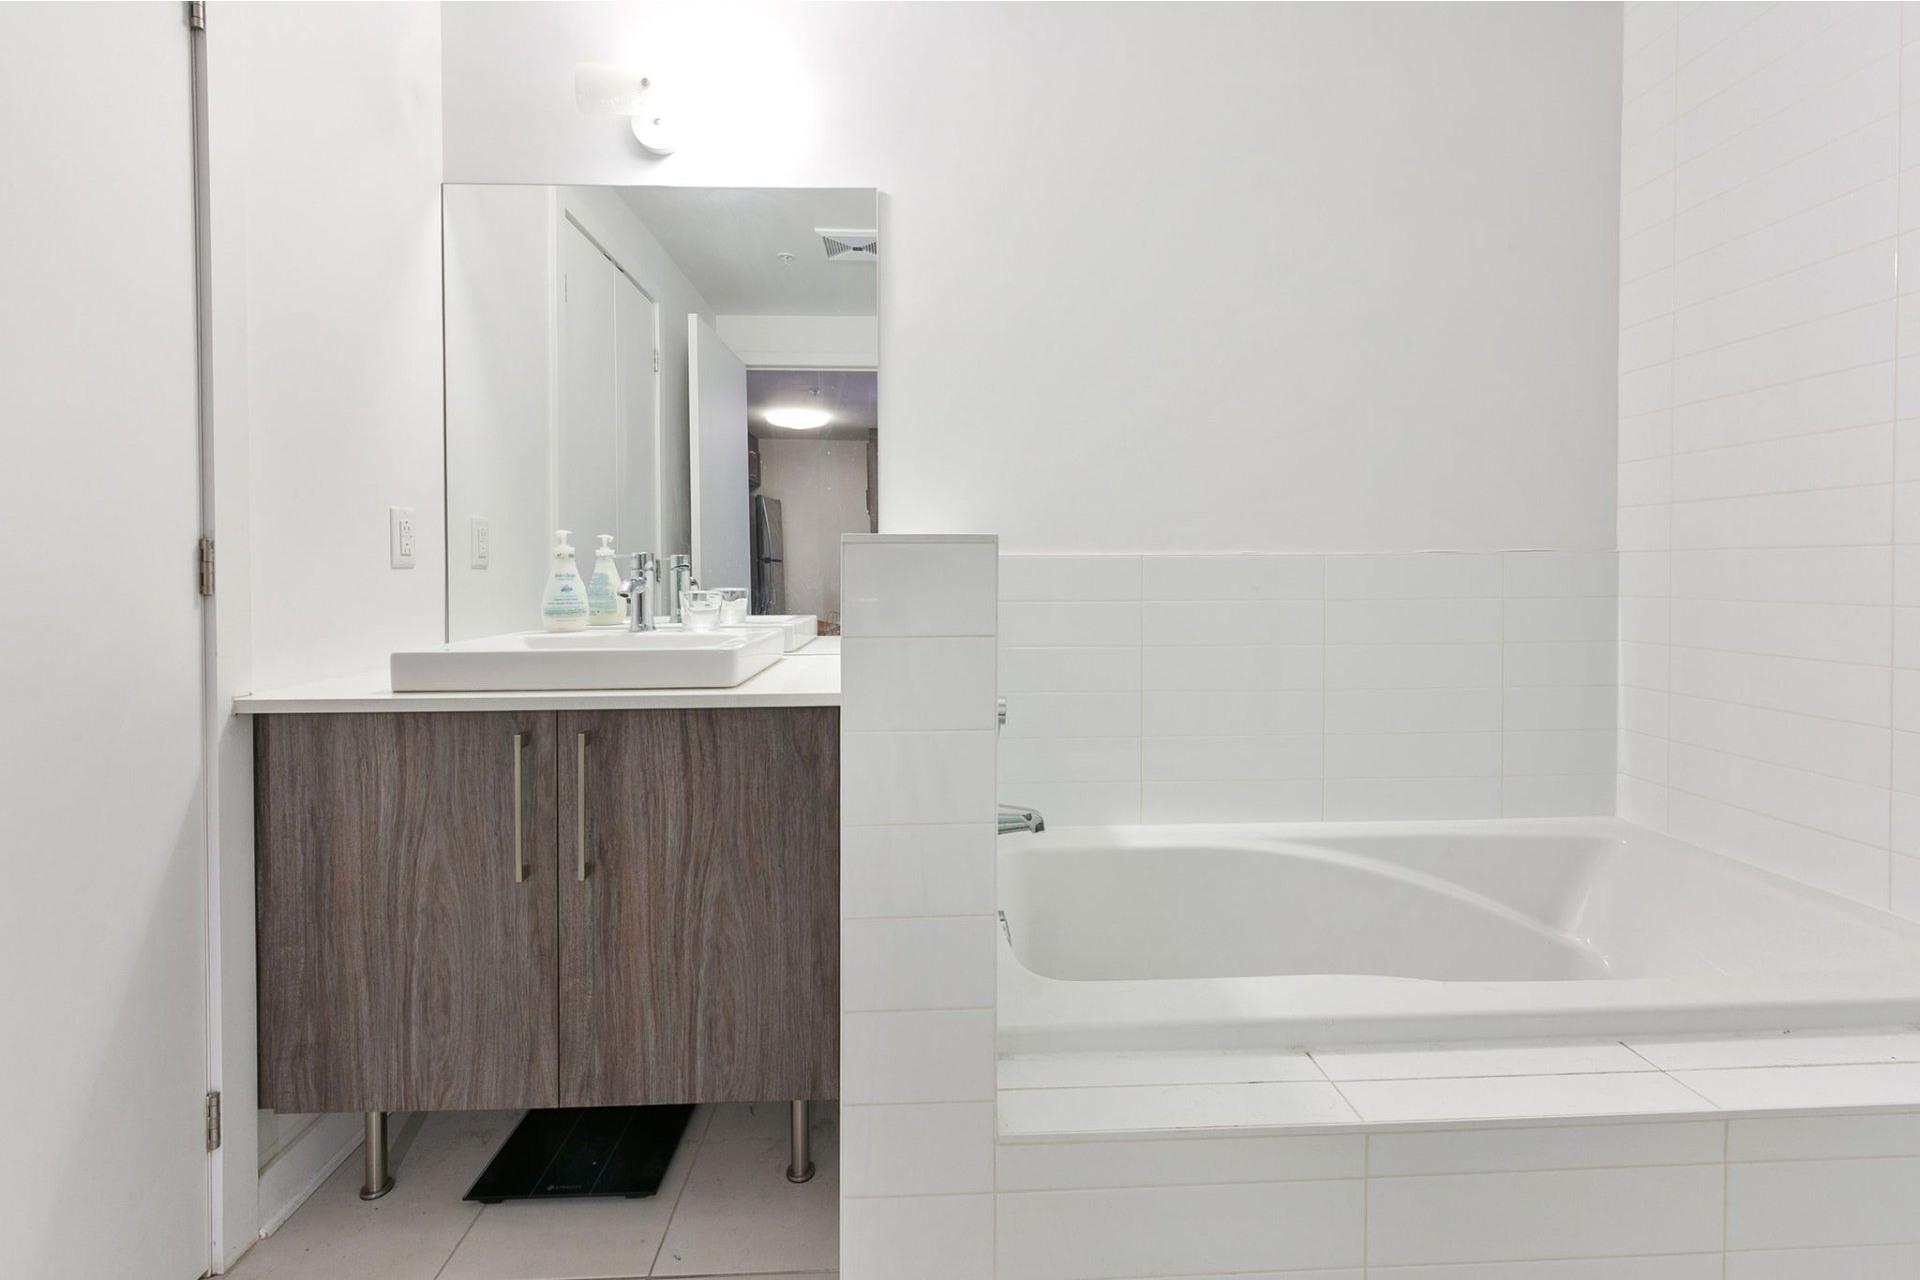 image 9 - Appartement À louer Ahuntsic-Cartierville Montréal  - 4 pièces